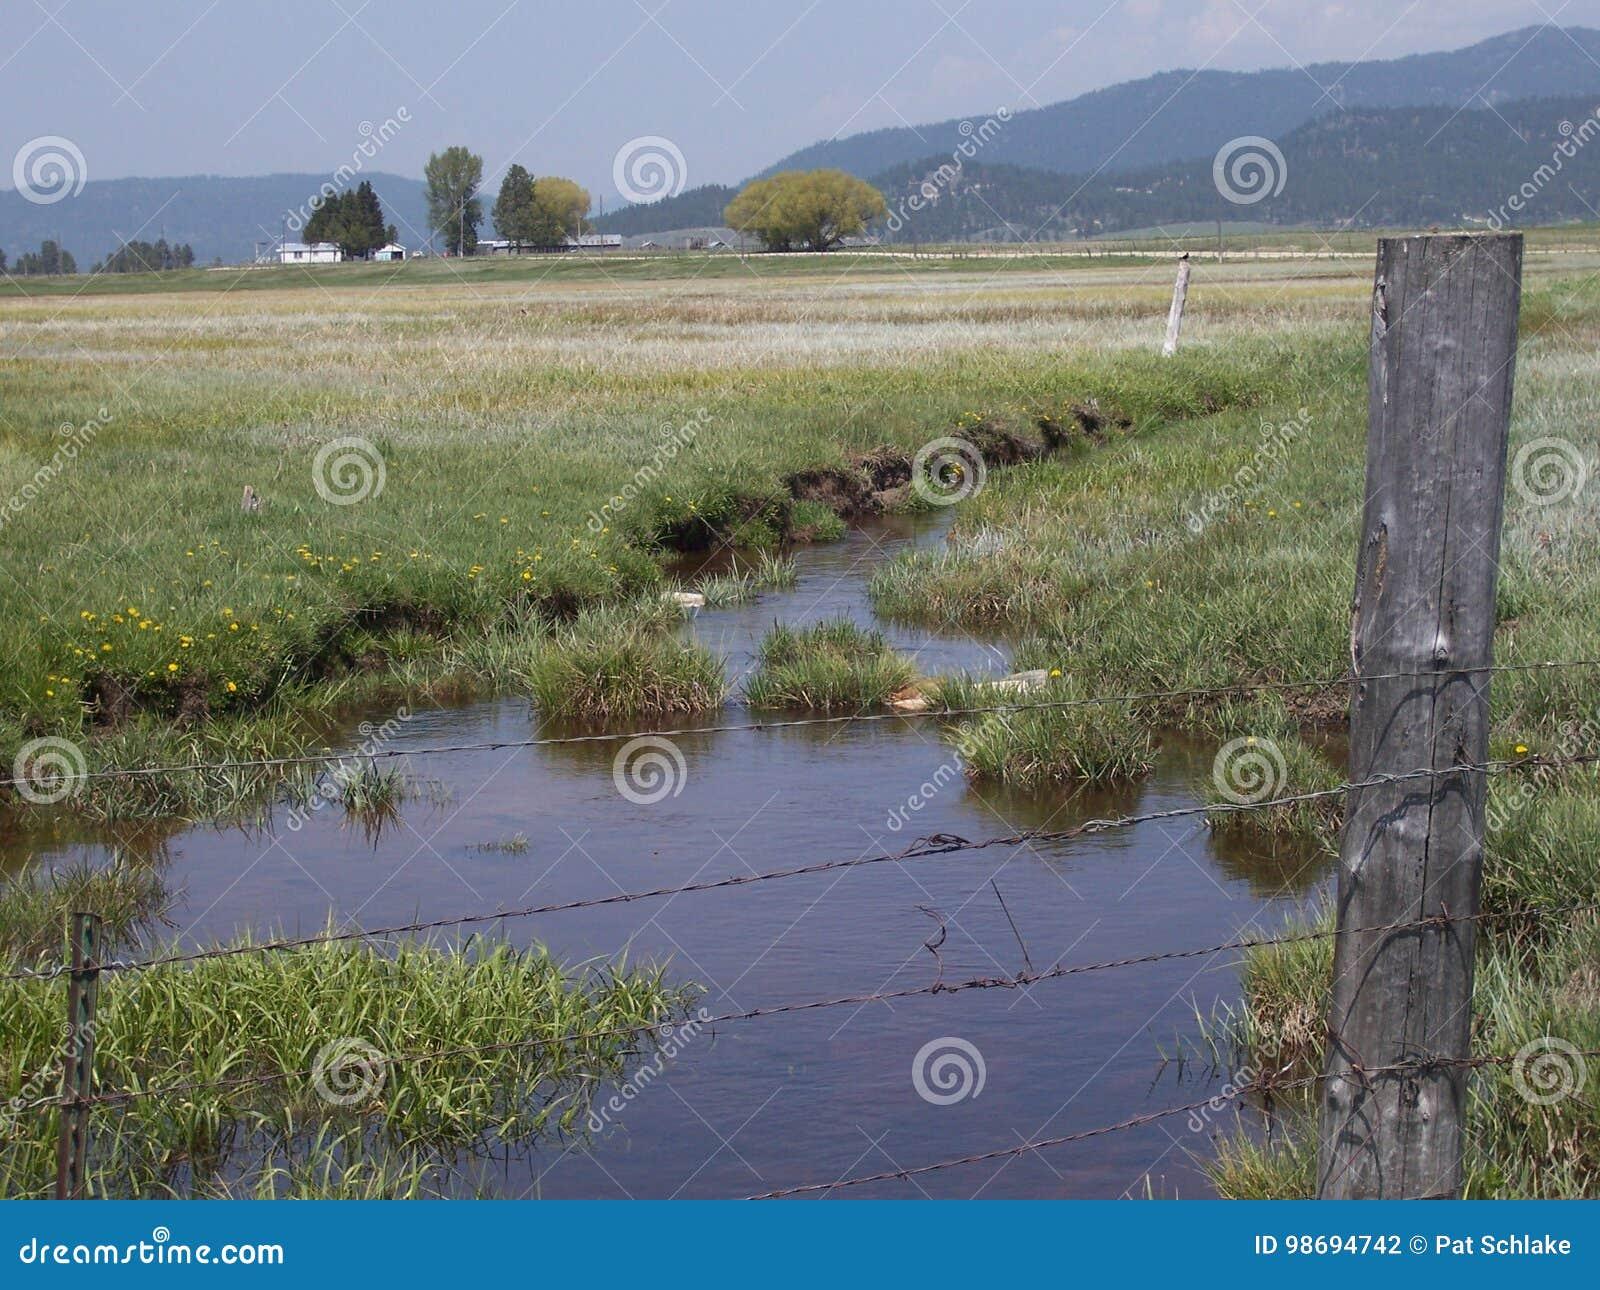 Ruhe eines Nebenflusses, der durch ein Feld im Land läuft